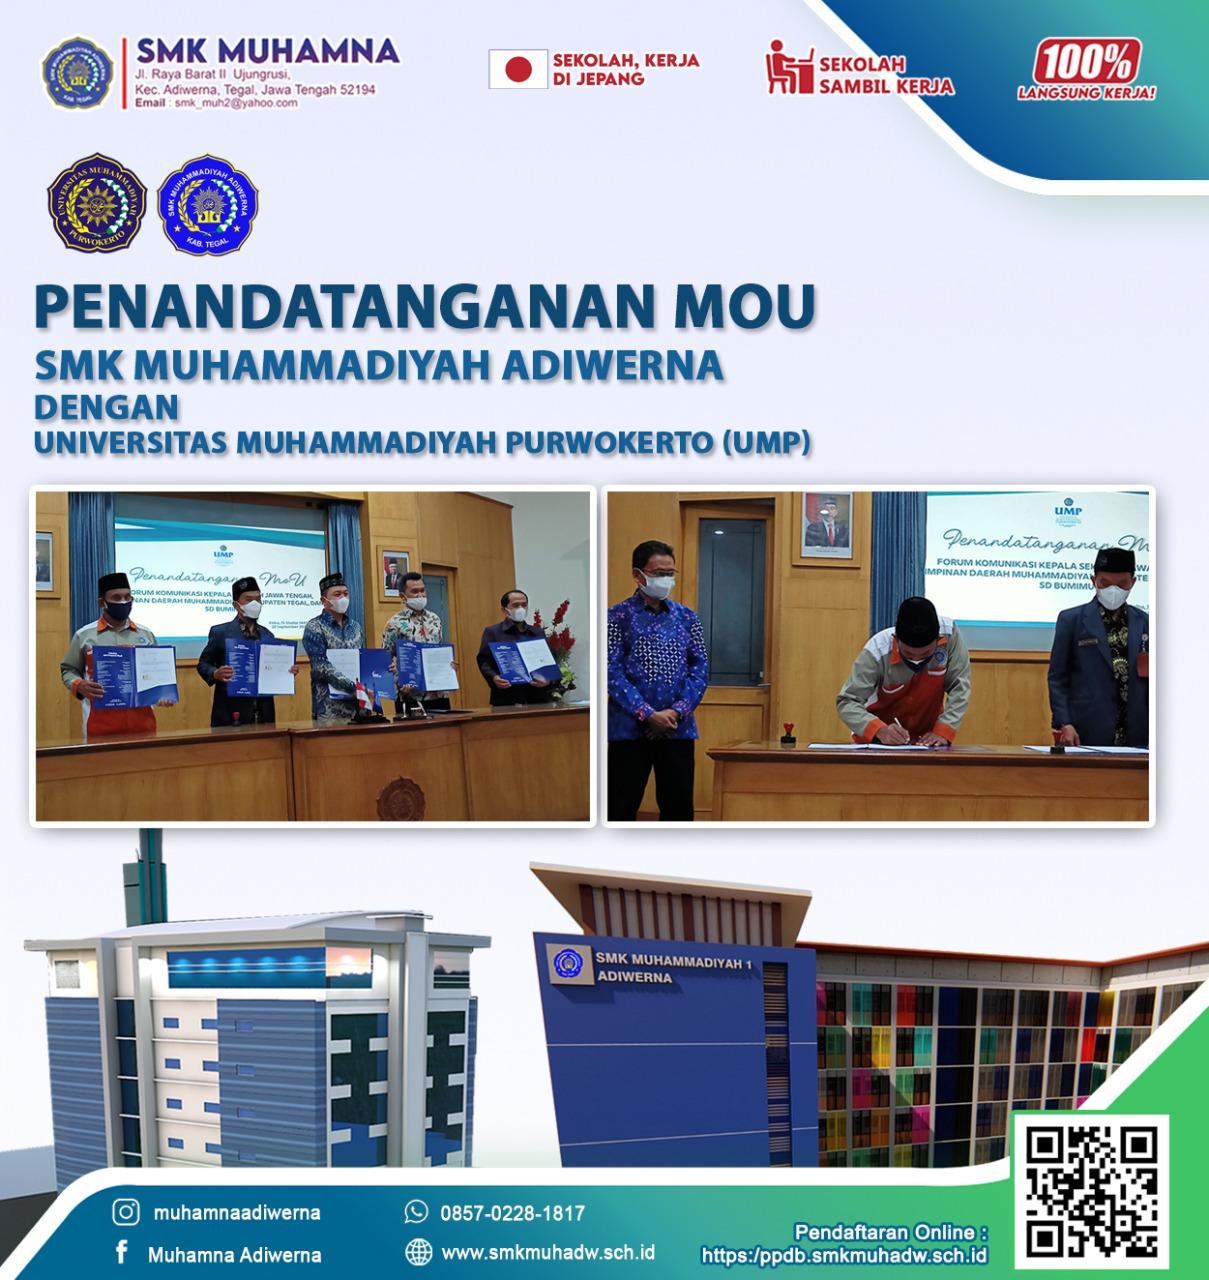 MOU SMK Muhamna dengan Universitas Muhammadiyah Purwokerto (UMP)